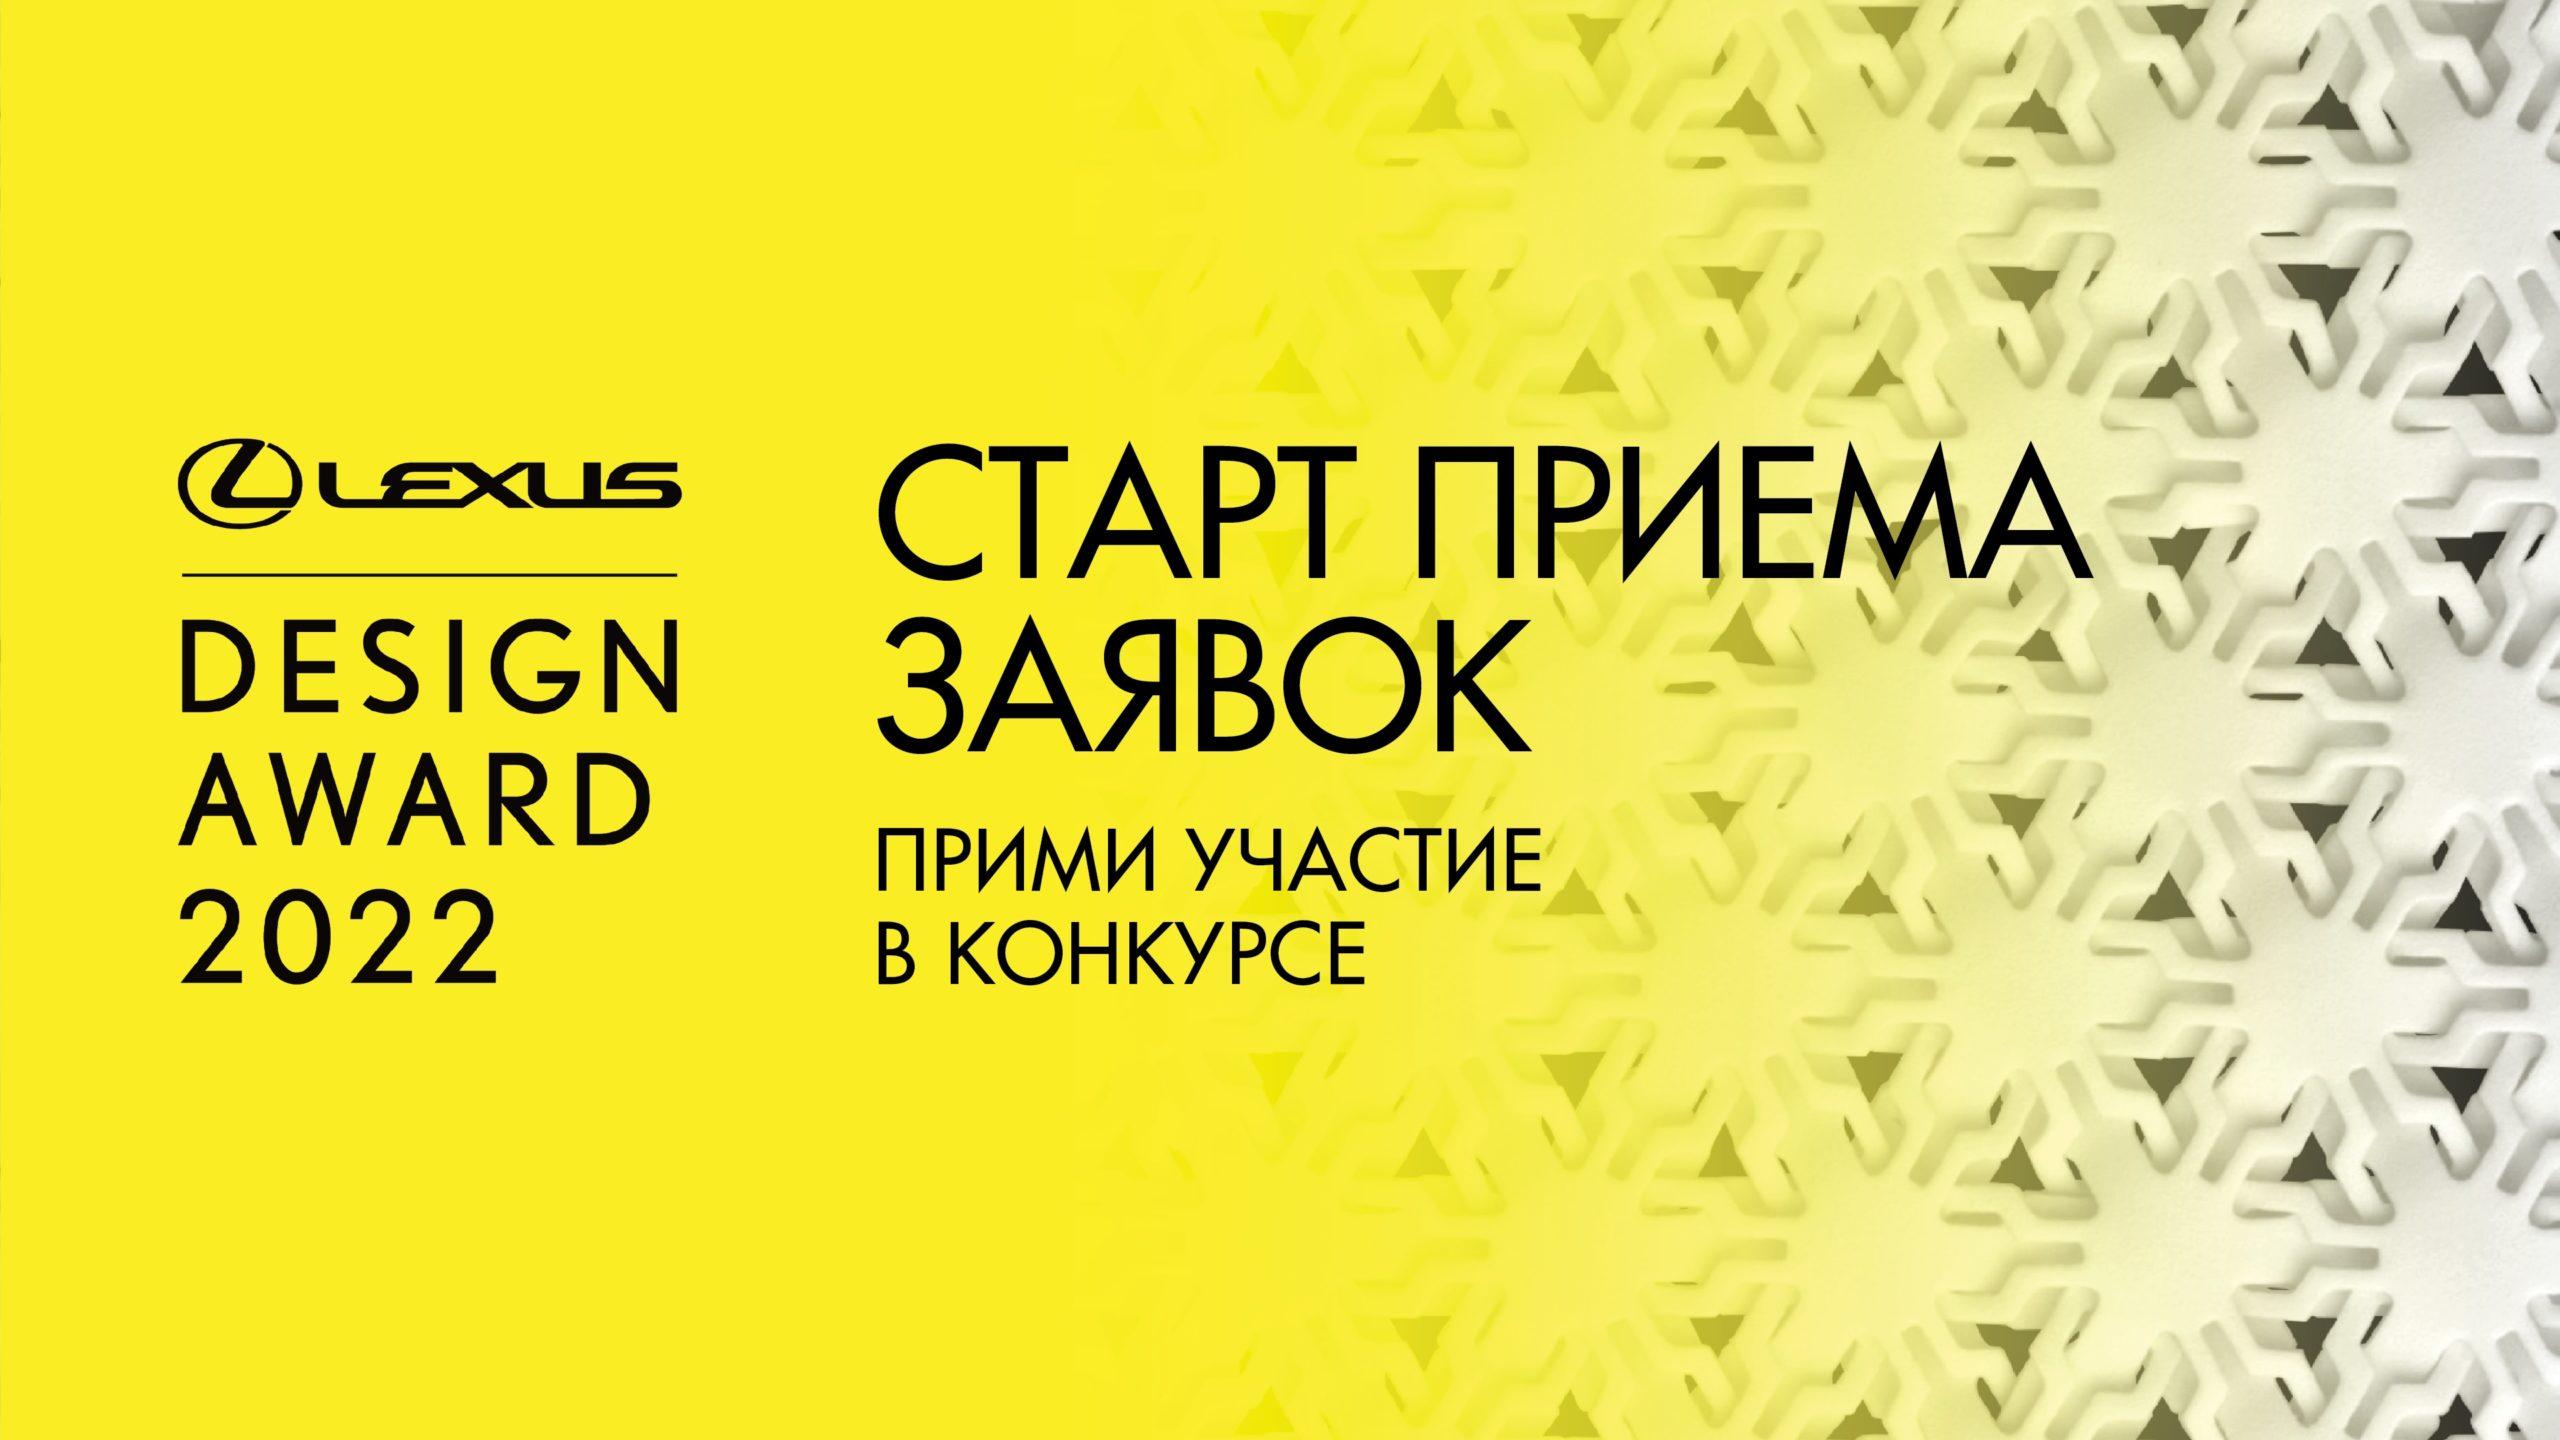 Lexus проводит конкурс дизайнеров: победитель получит 1,9 млн рублей